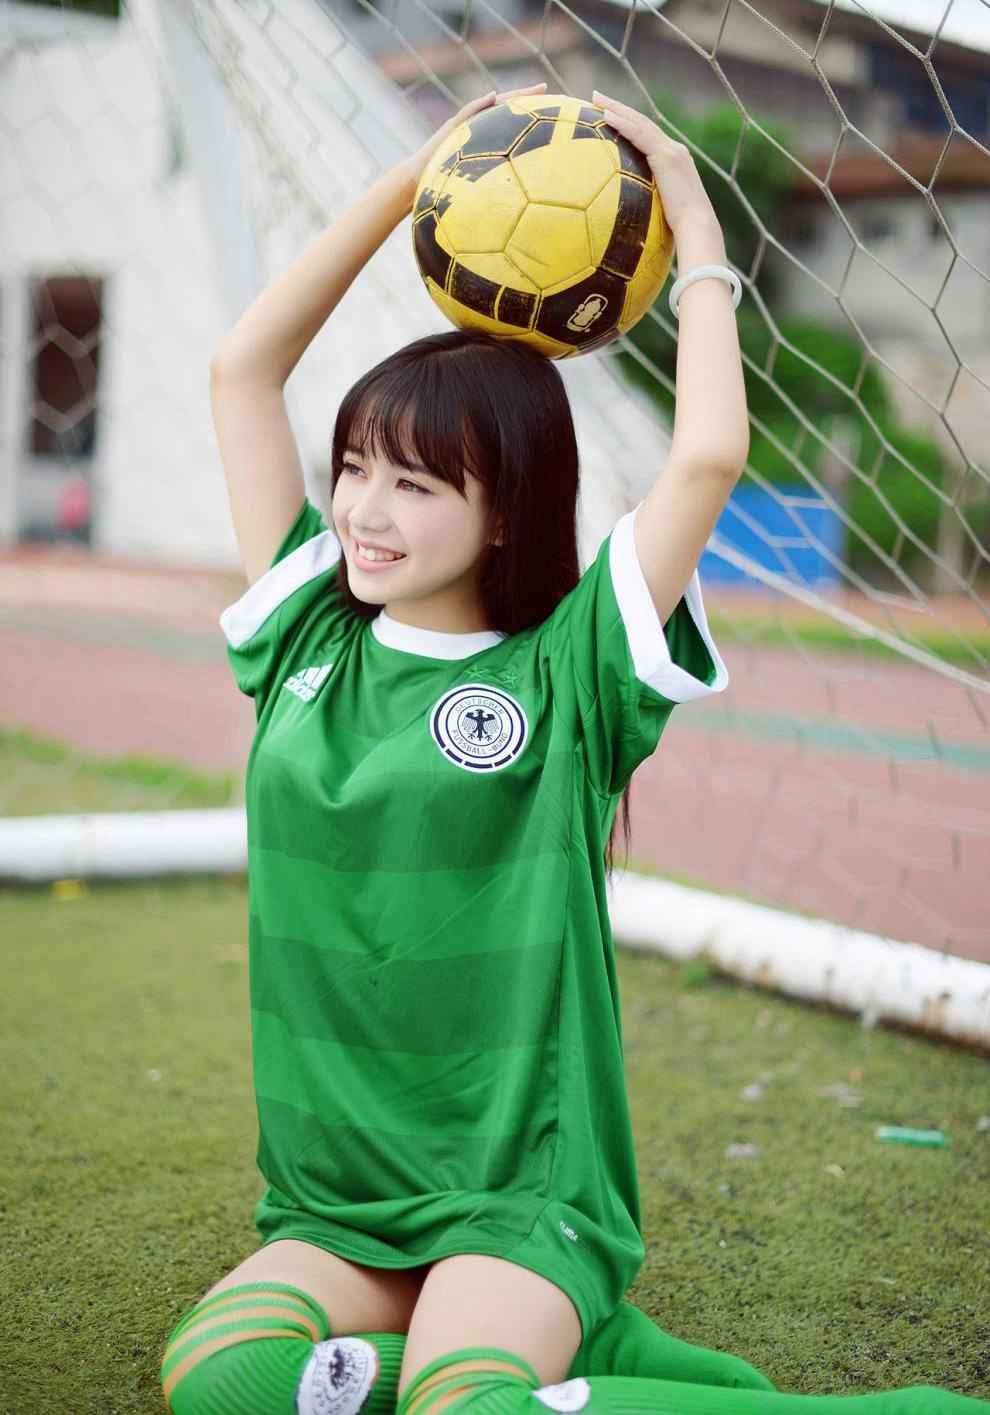 清纯丸子头女孩足球宝贝